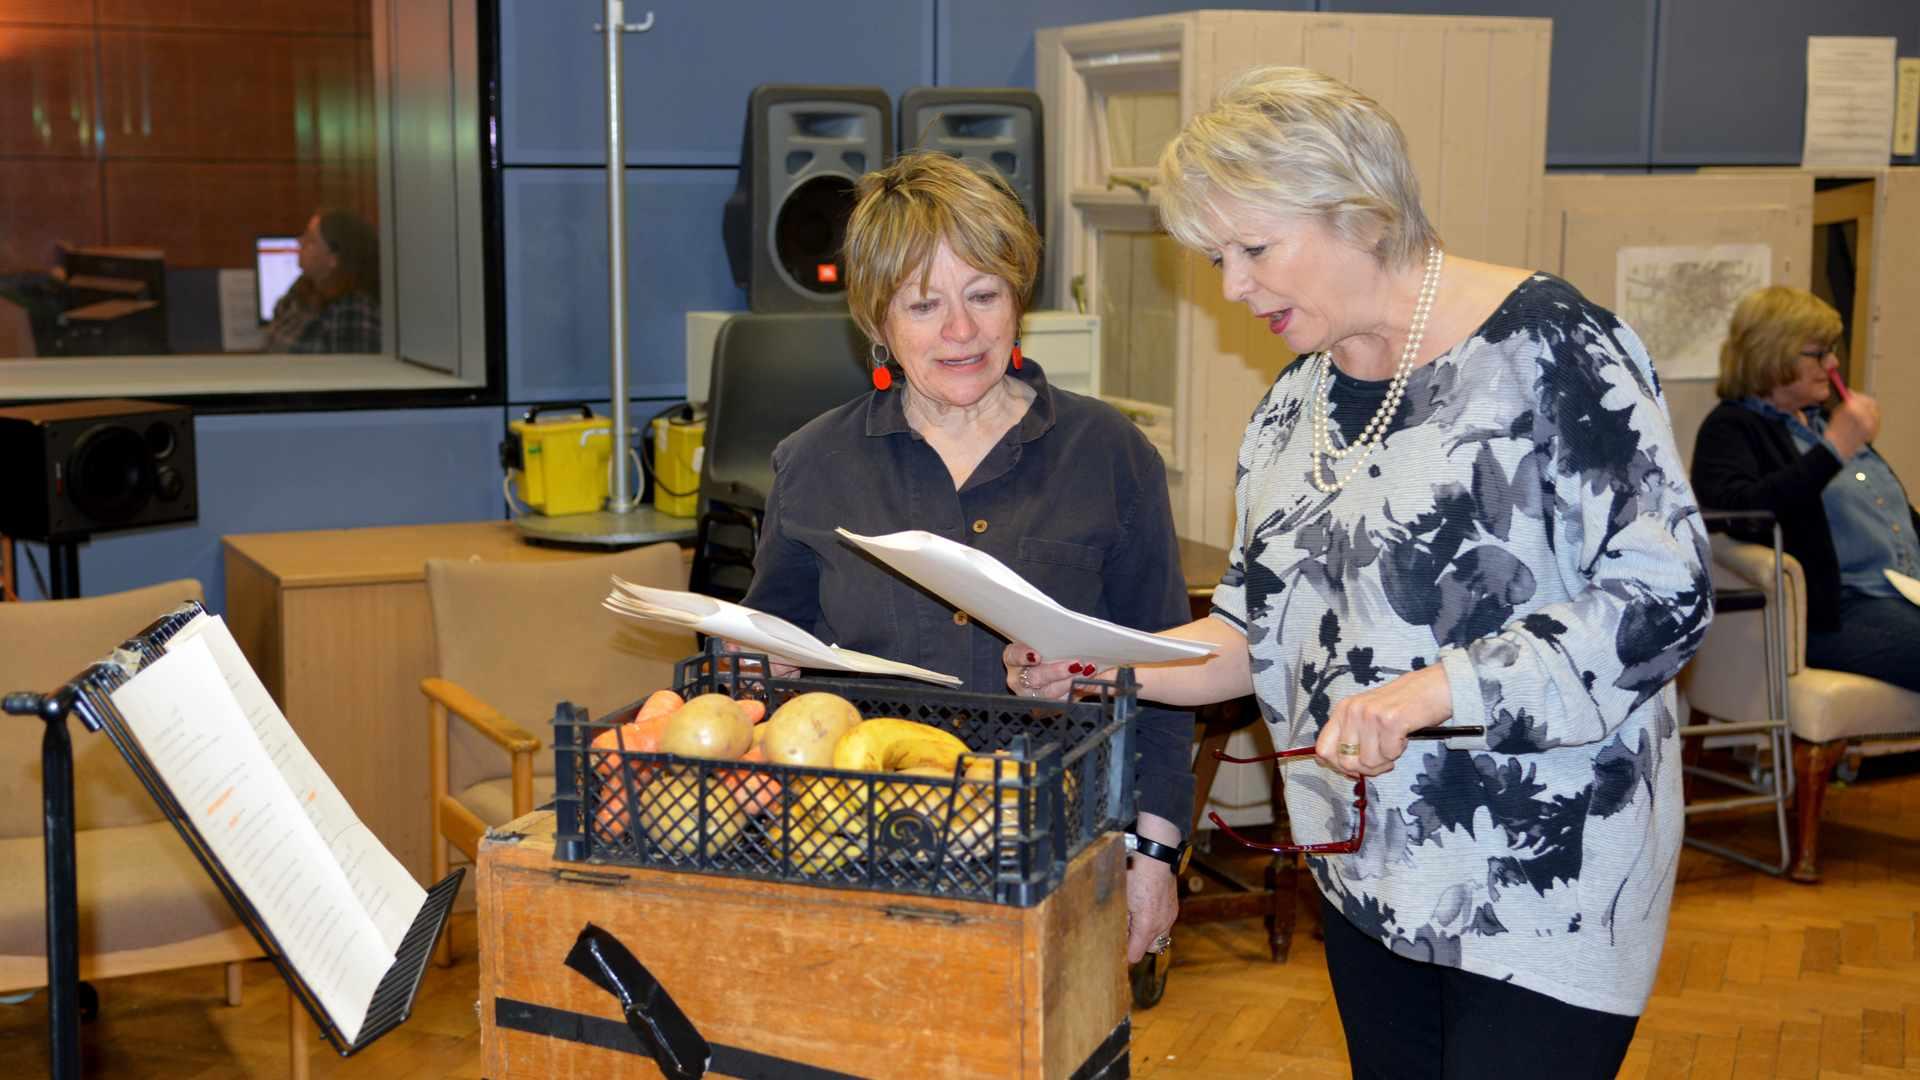 Sheila Dillon and Alison Steadman in Ambridge_credit BBC (3)